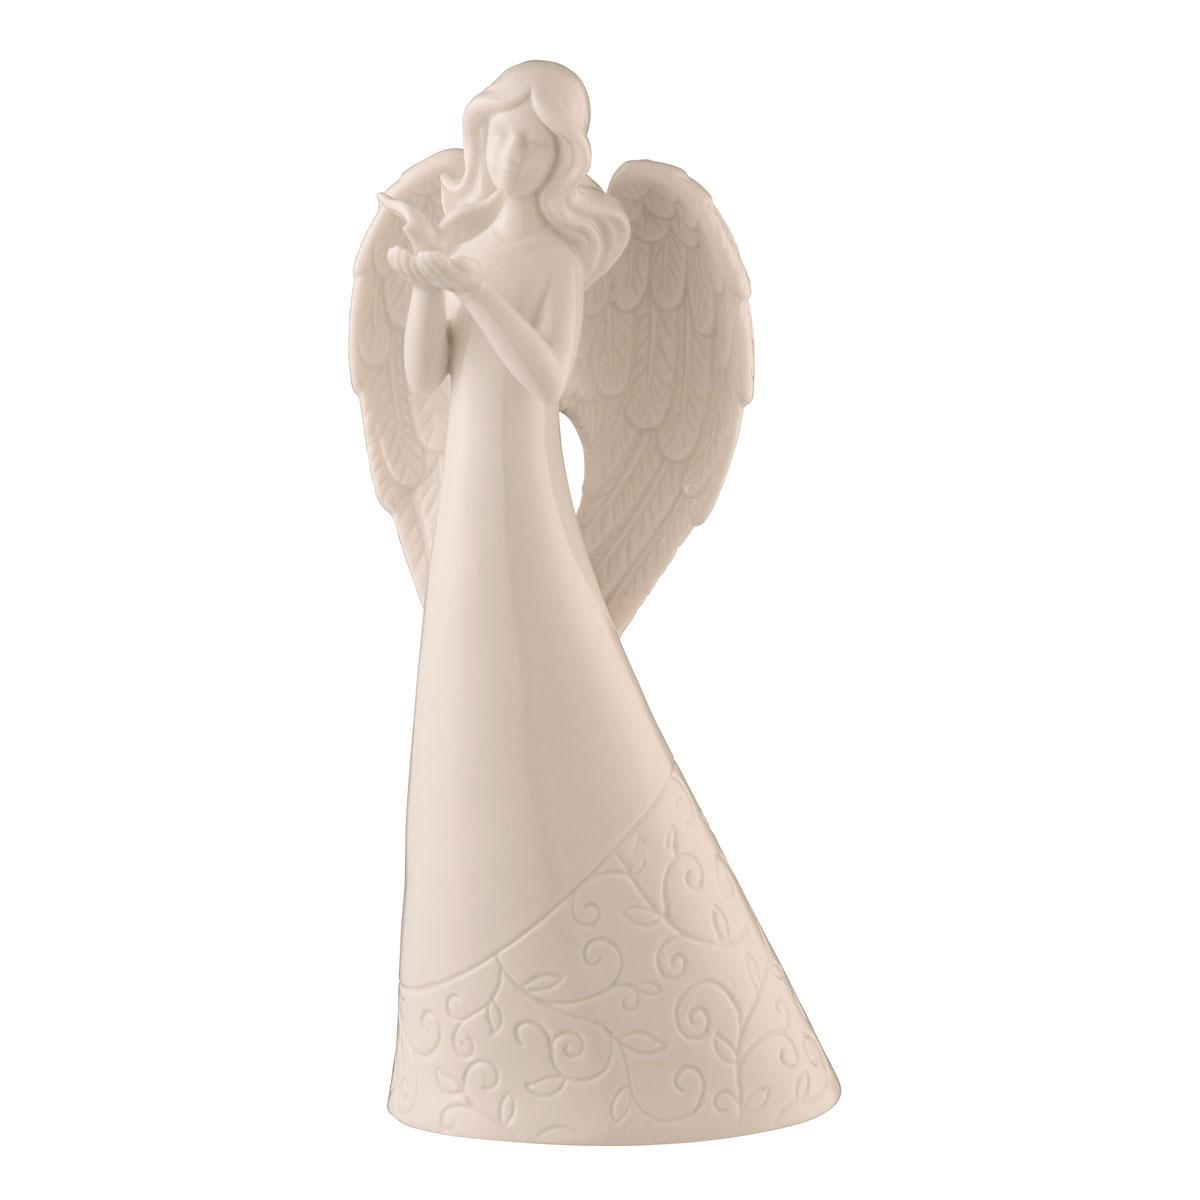 Belleek Living Angel with Dove